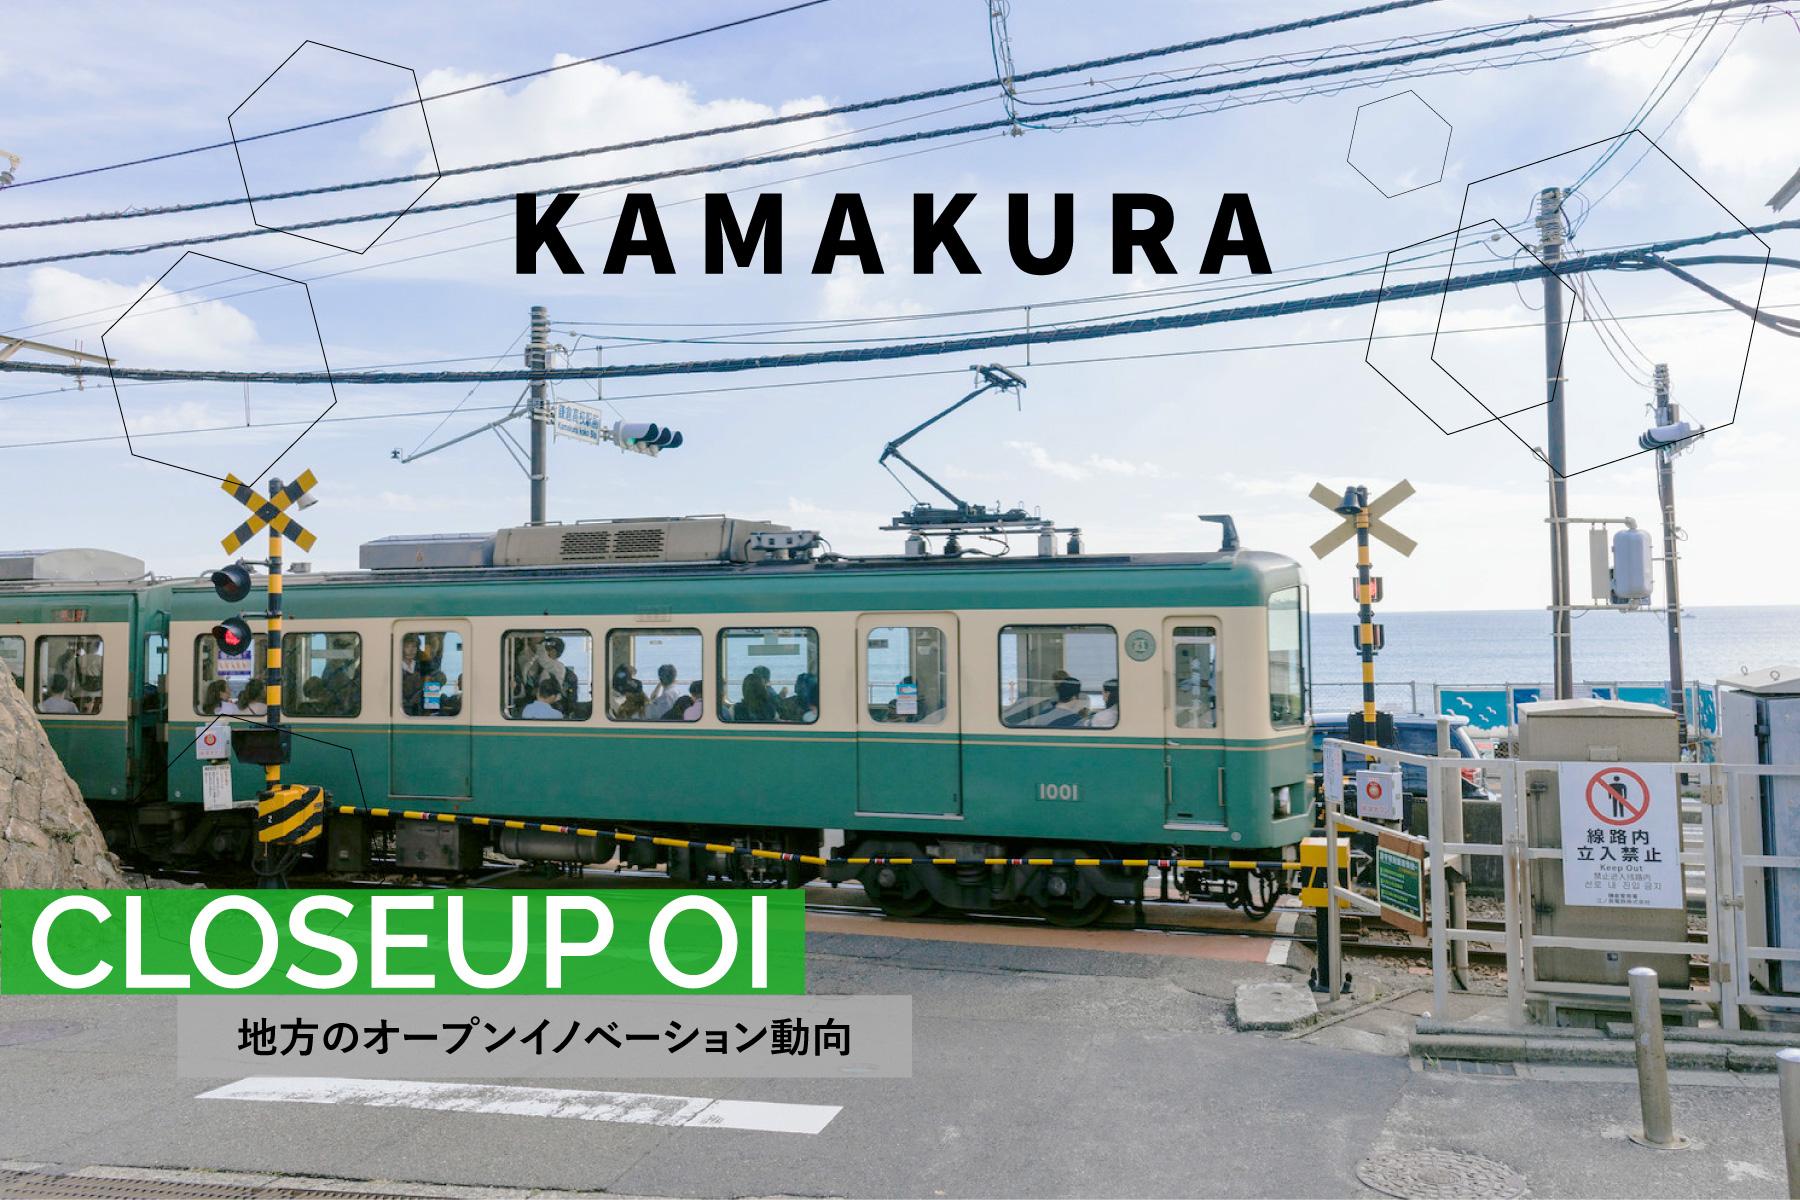 オープンイノベーション拠点が続々!鎌倉が観光から共創の町へアップデート